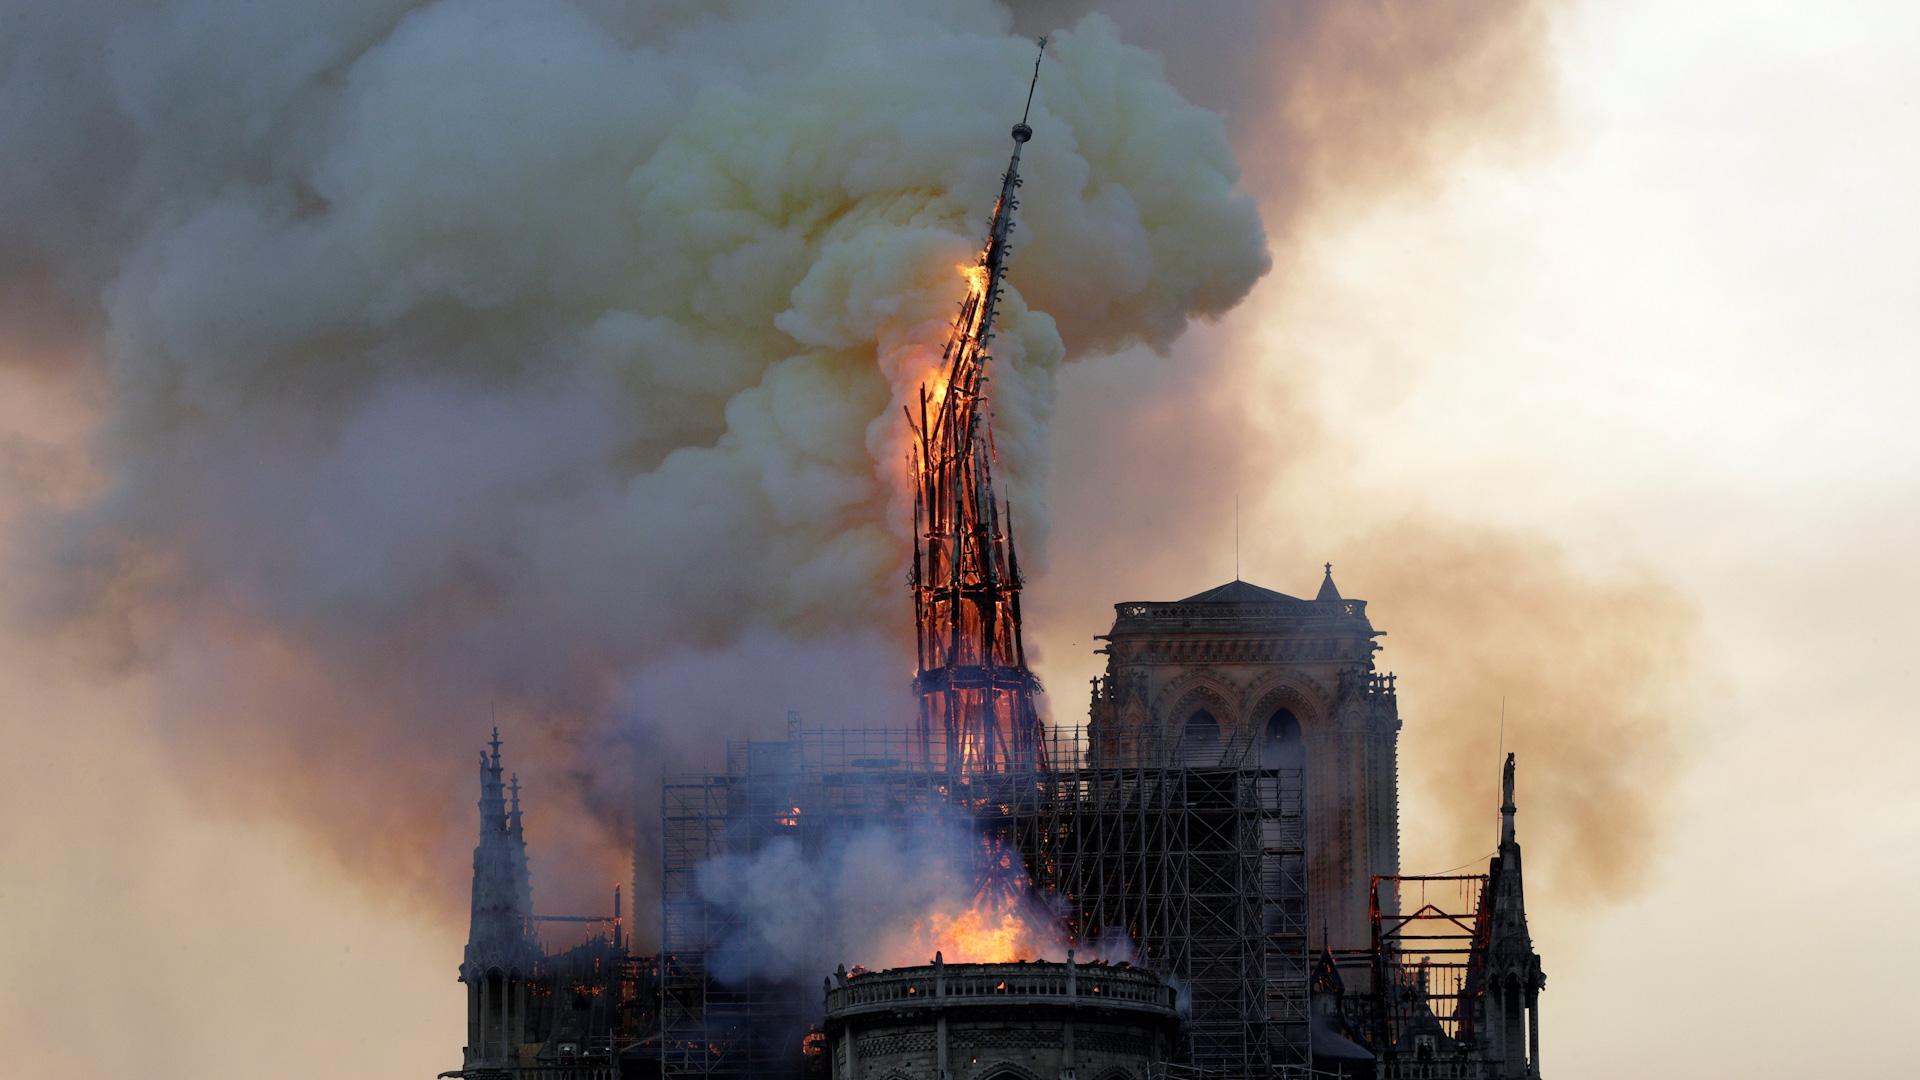 巴黎聖母院突發大火 建築大部分被燒毀